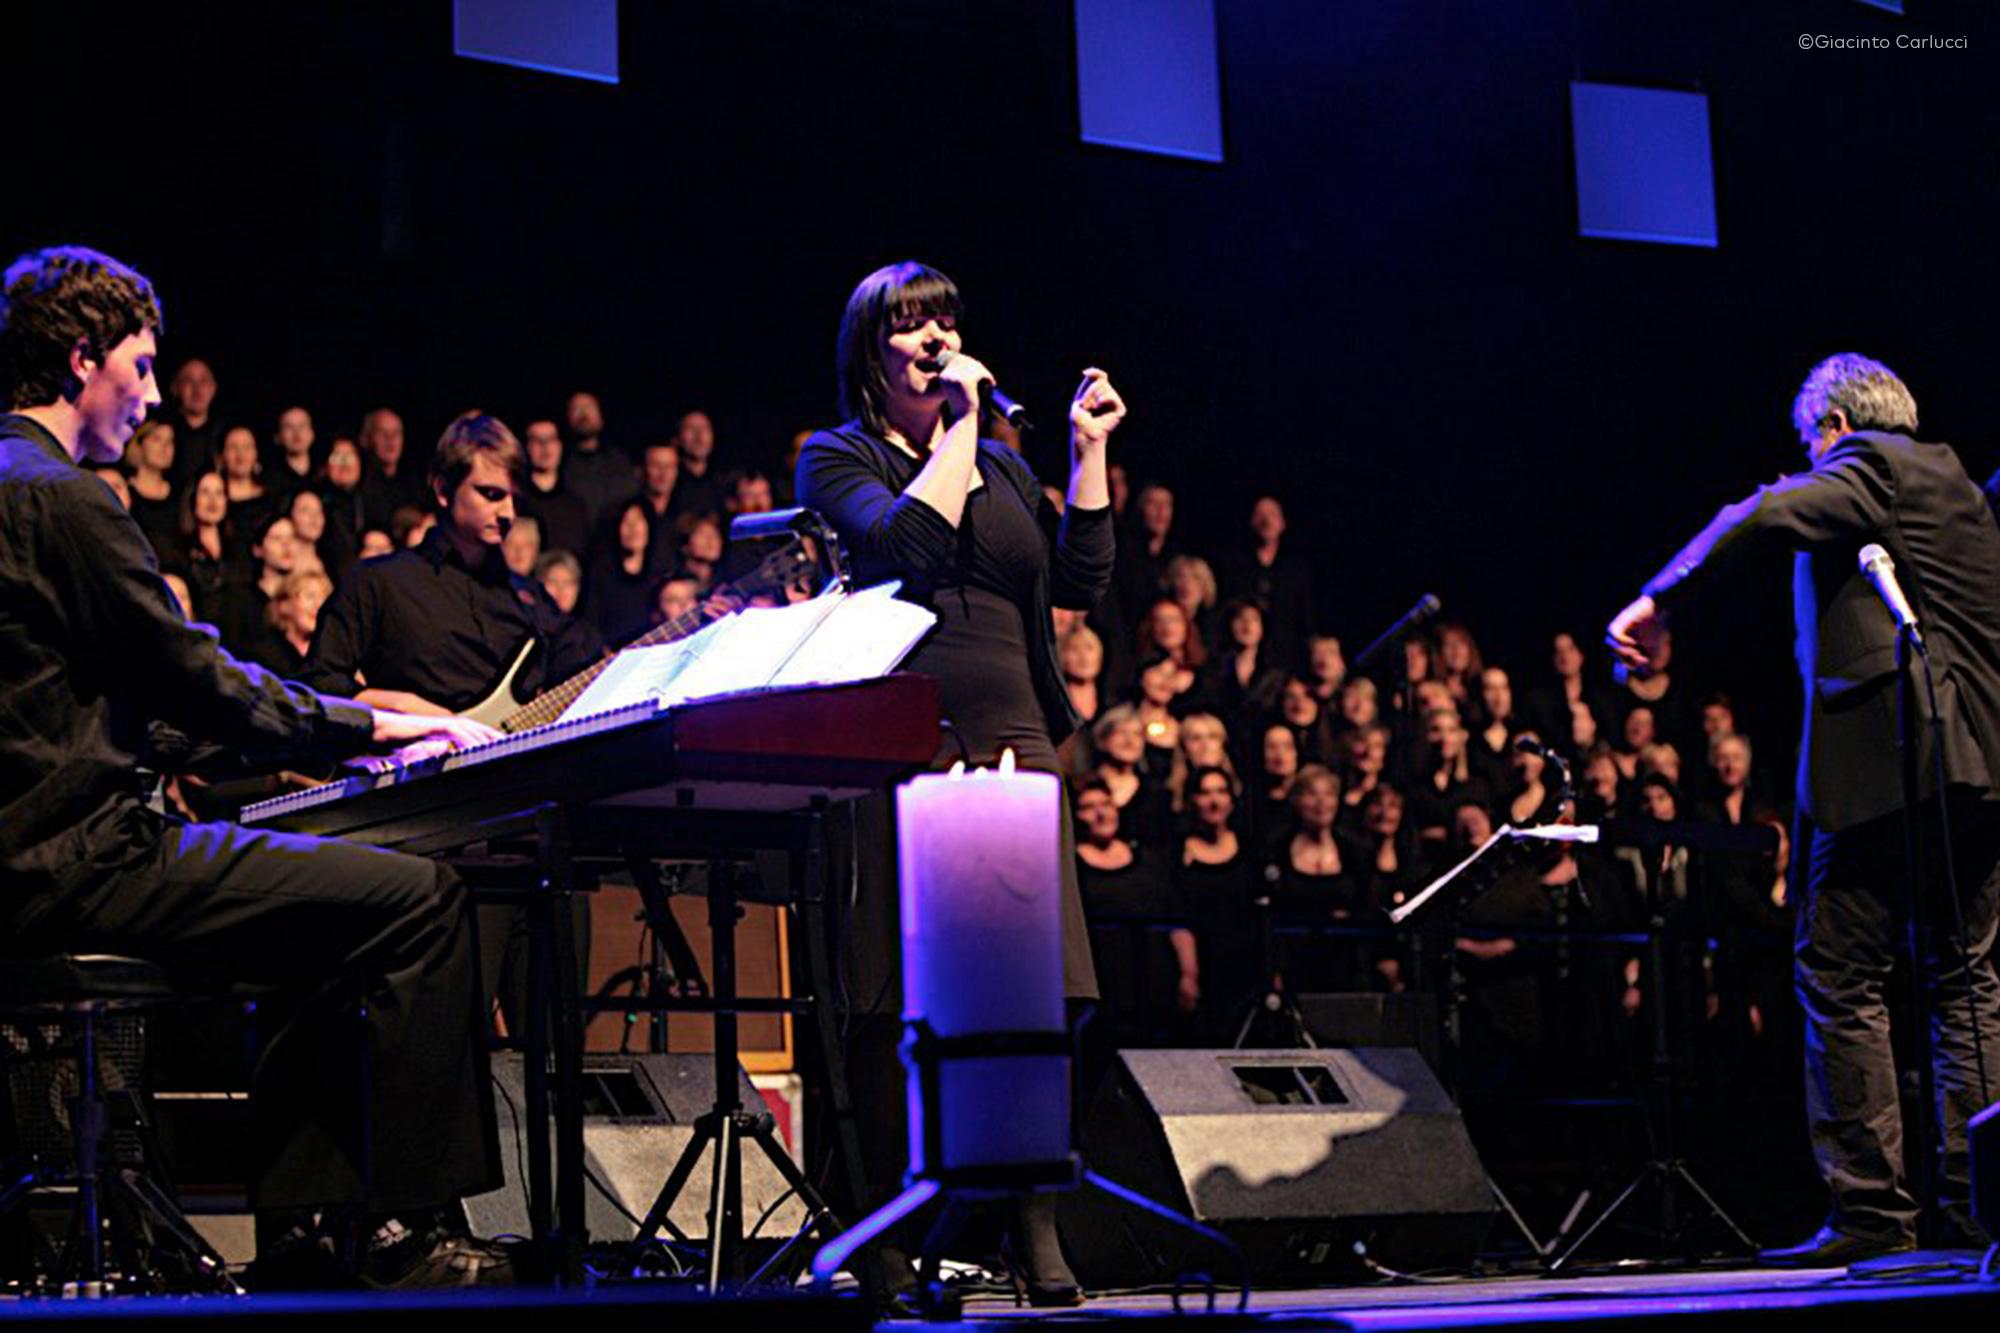 2010 | EWS-Arena Göppingen ©Giacinto Carlucci